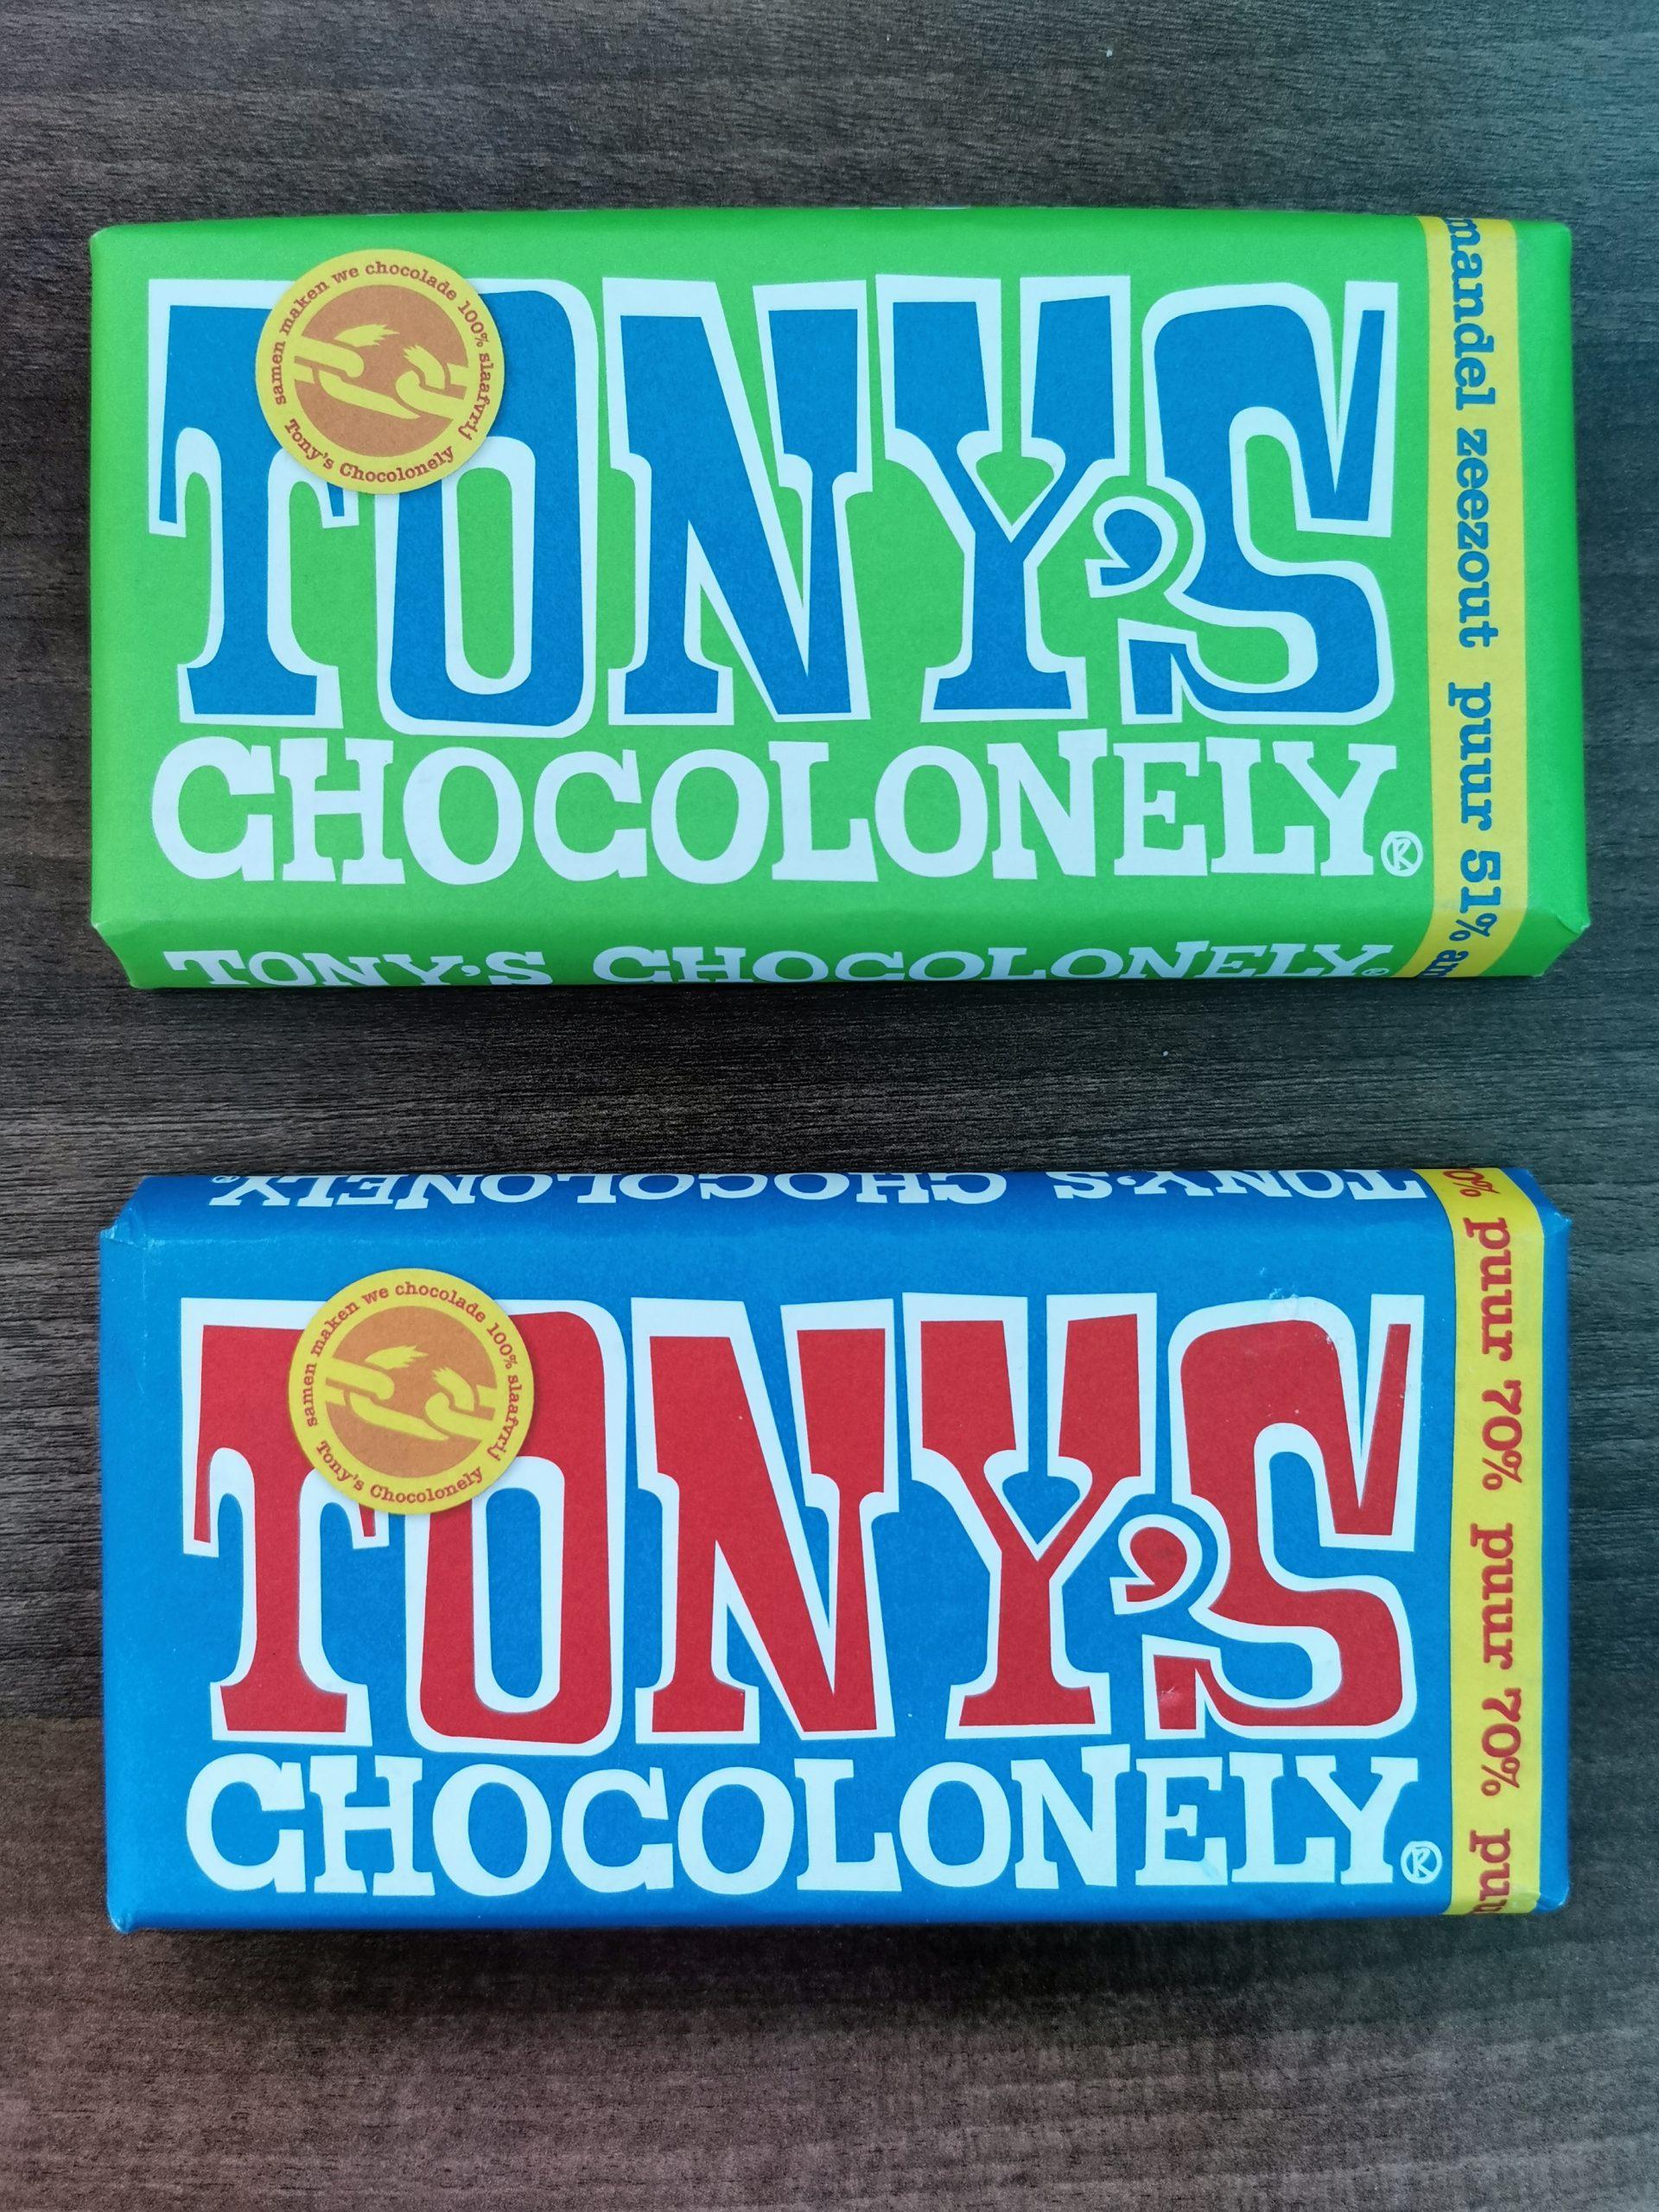 2 repen chocola van Tony's Chocoloneley in de smaak puur amadel zeezout en extrra puur